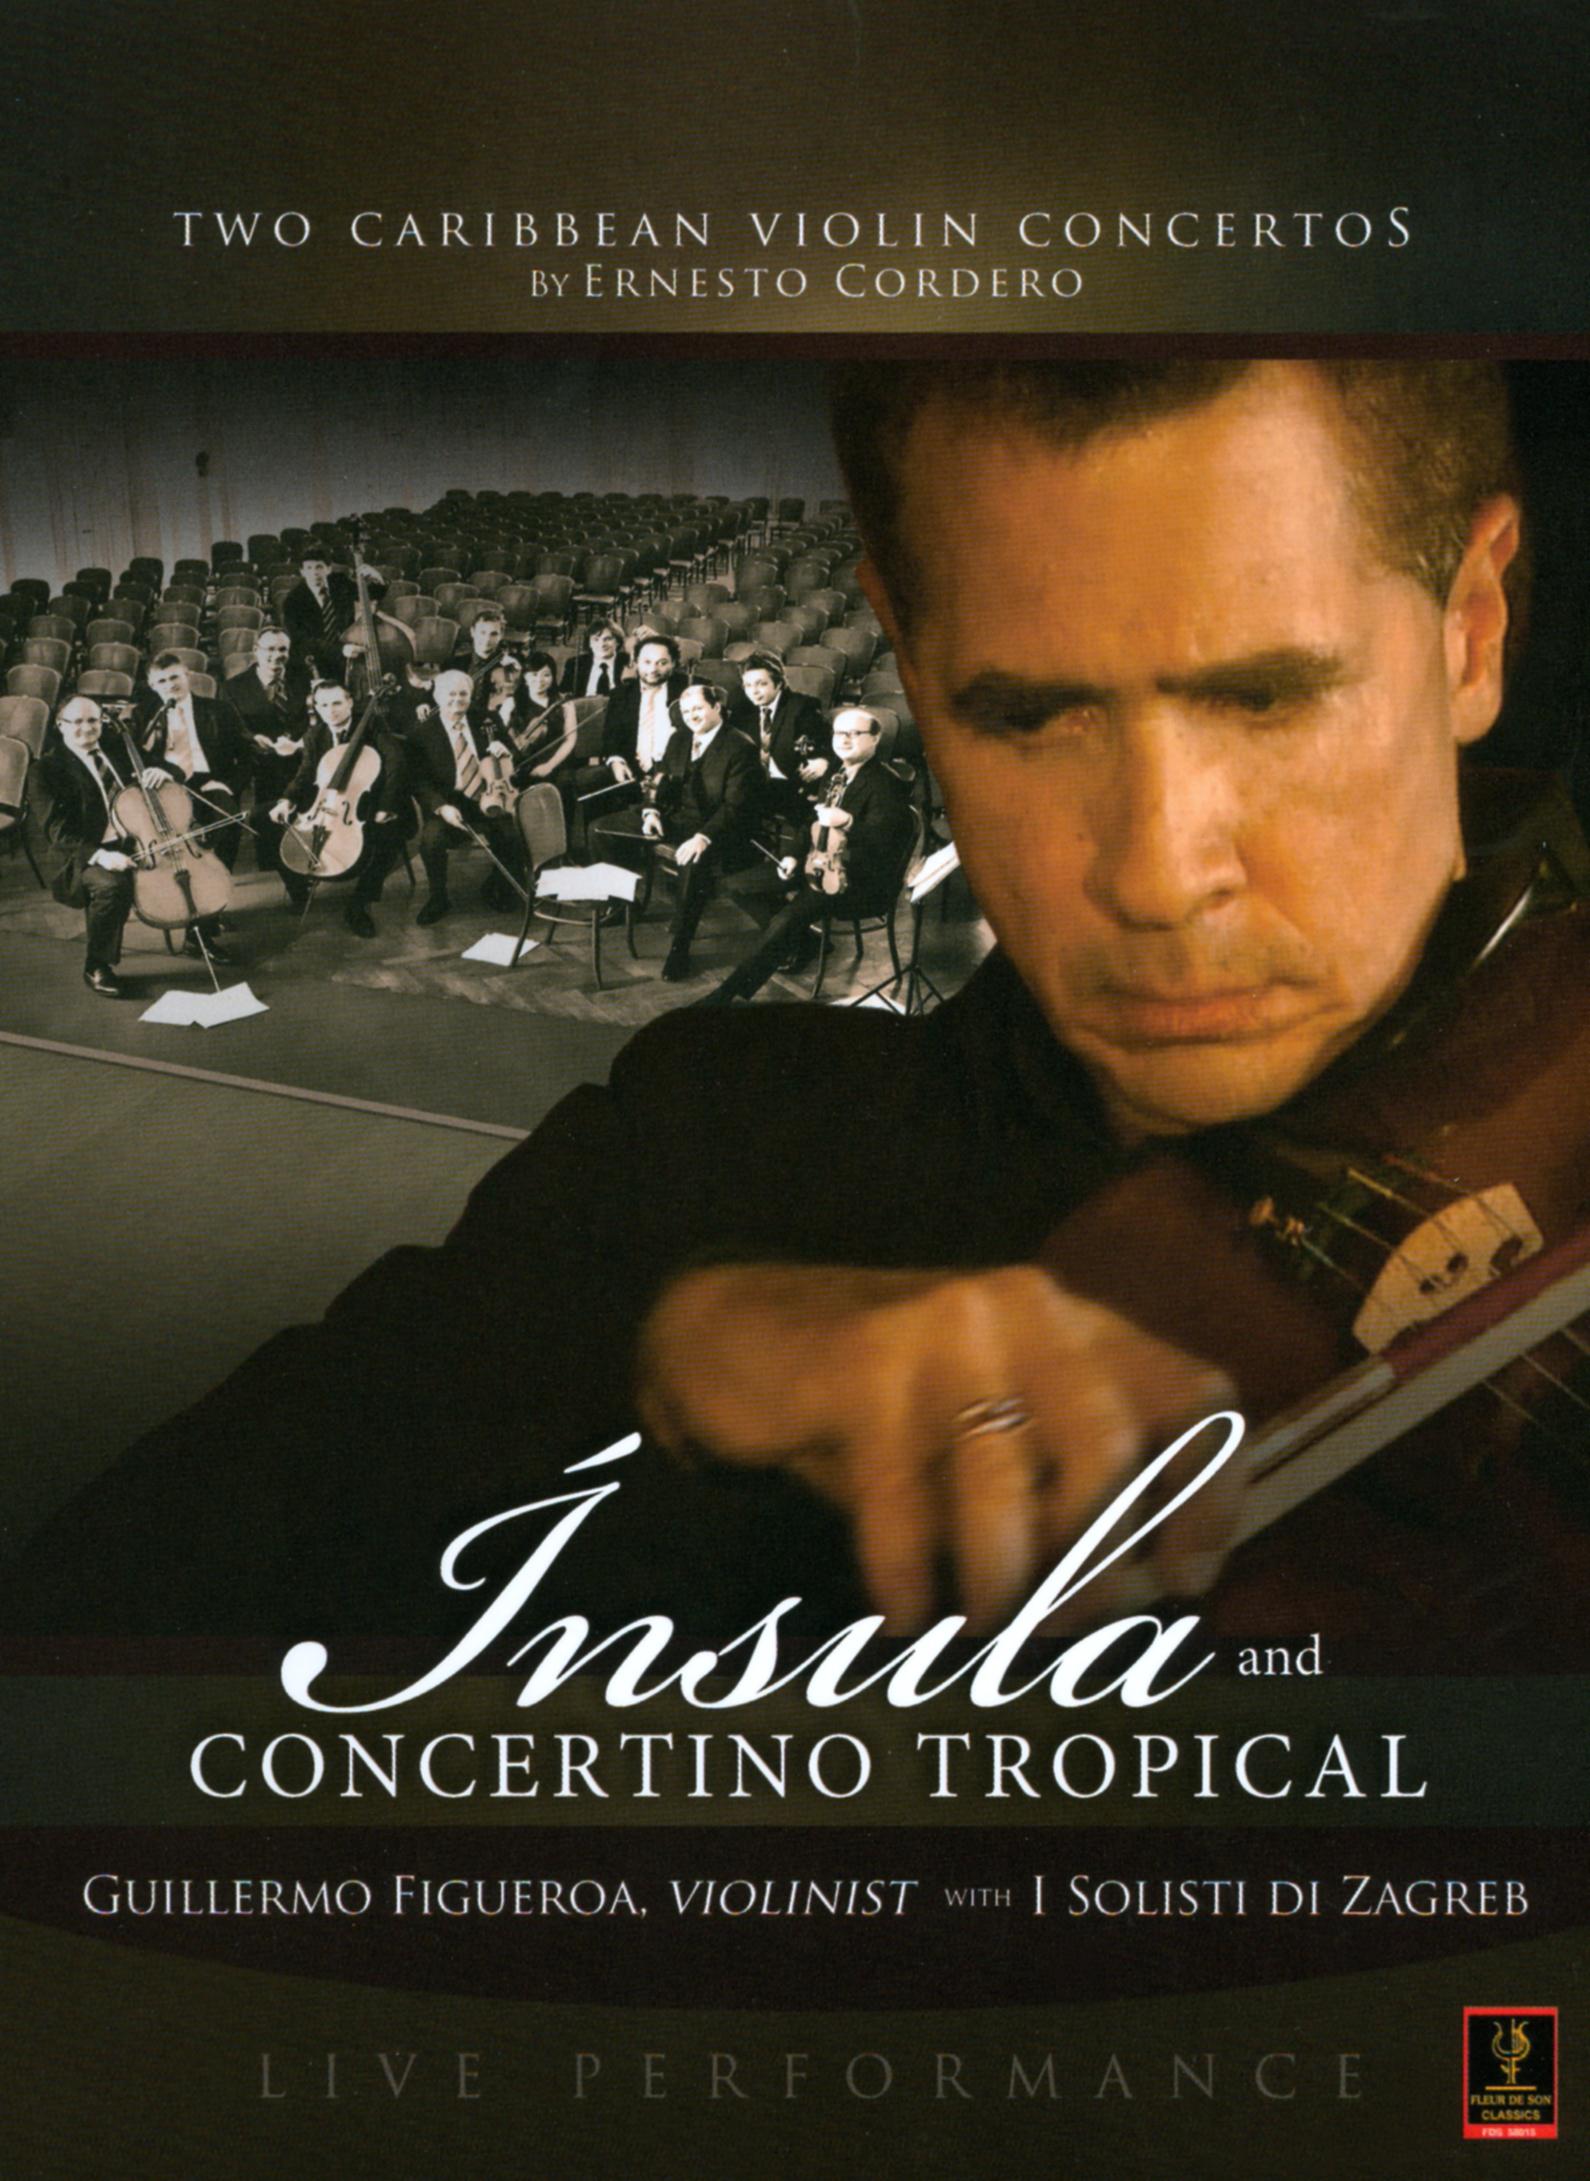 Guillermo Figueroa with I Solisti di Zagreb: Insula and Concertino Tropical